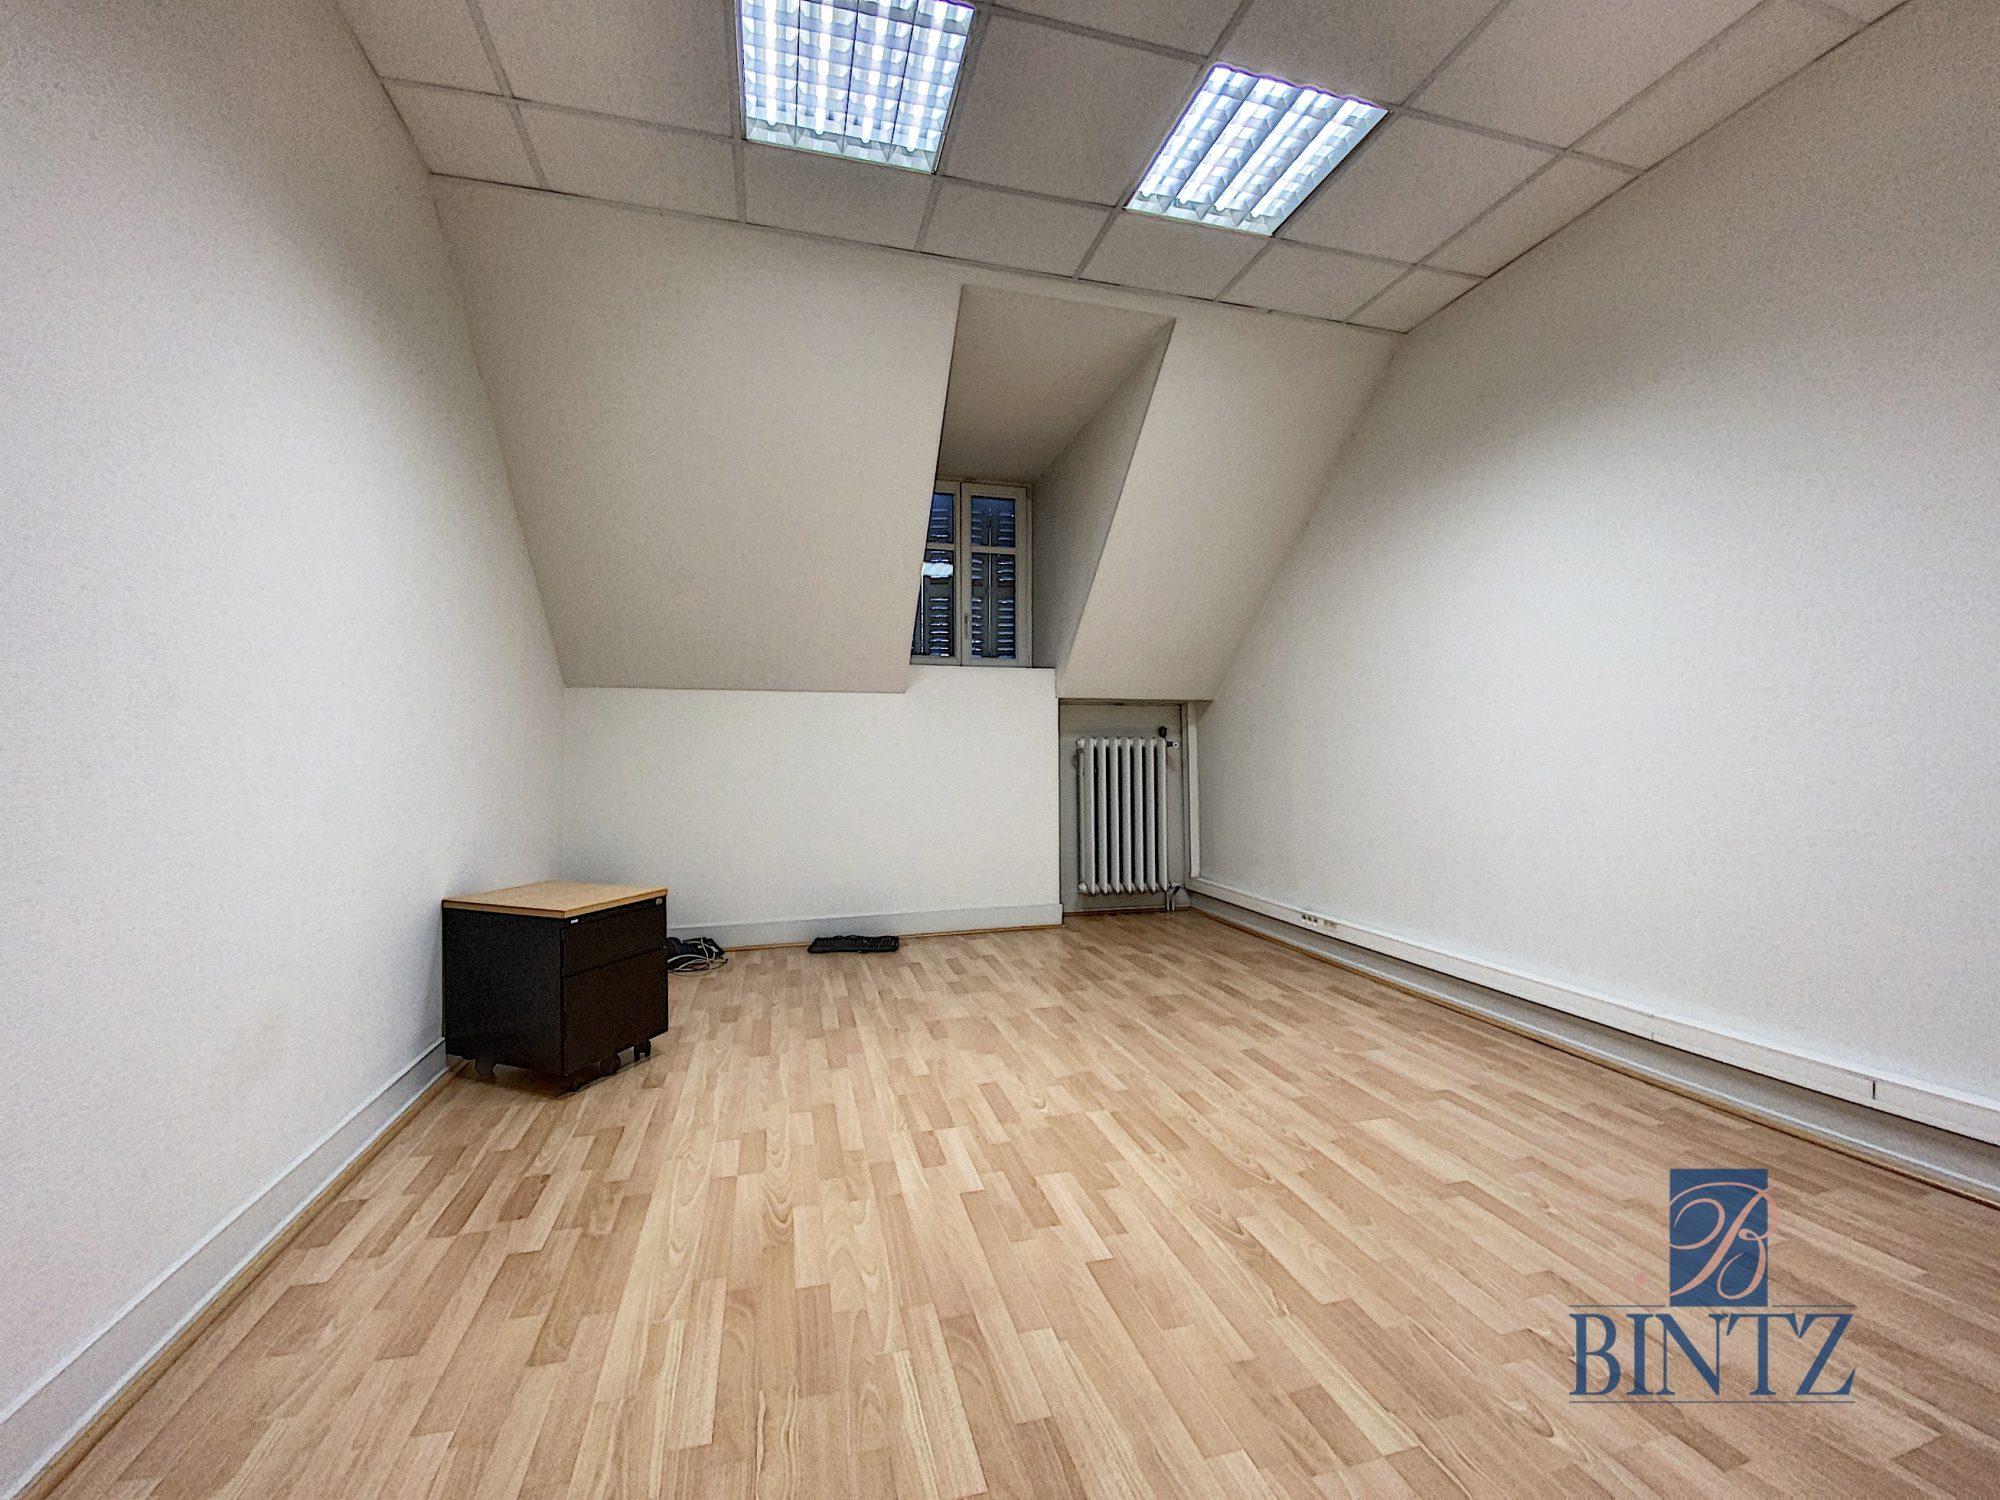 Immeuble de bureaux à louer - Devenez locataire en toute sérénité - Bintz Immobilier - 16